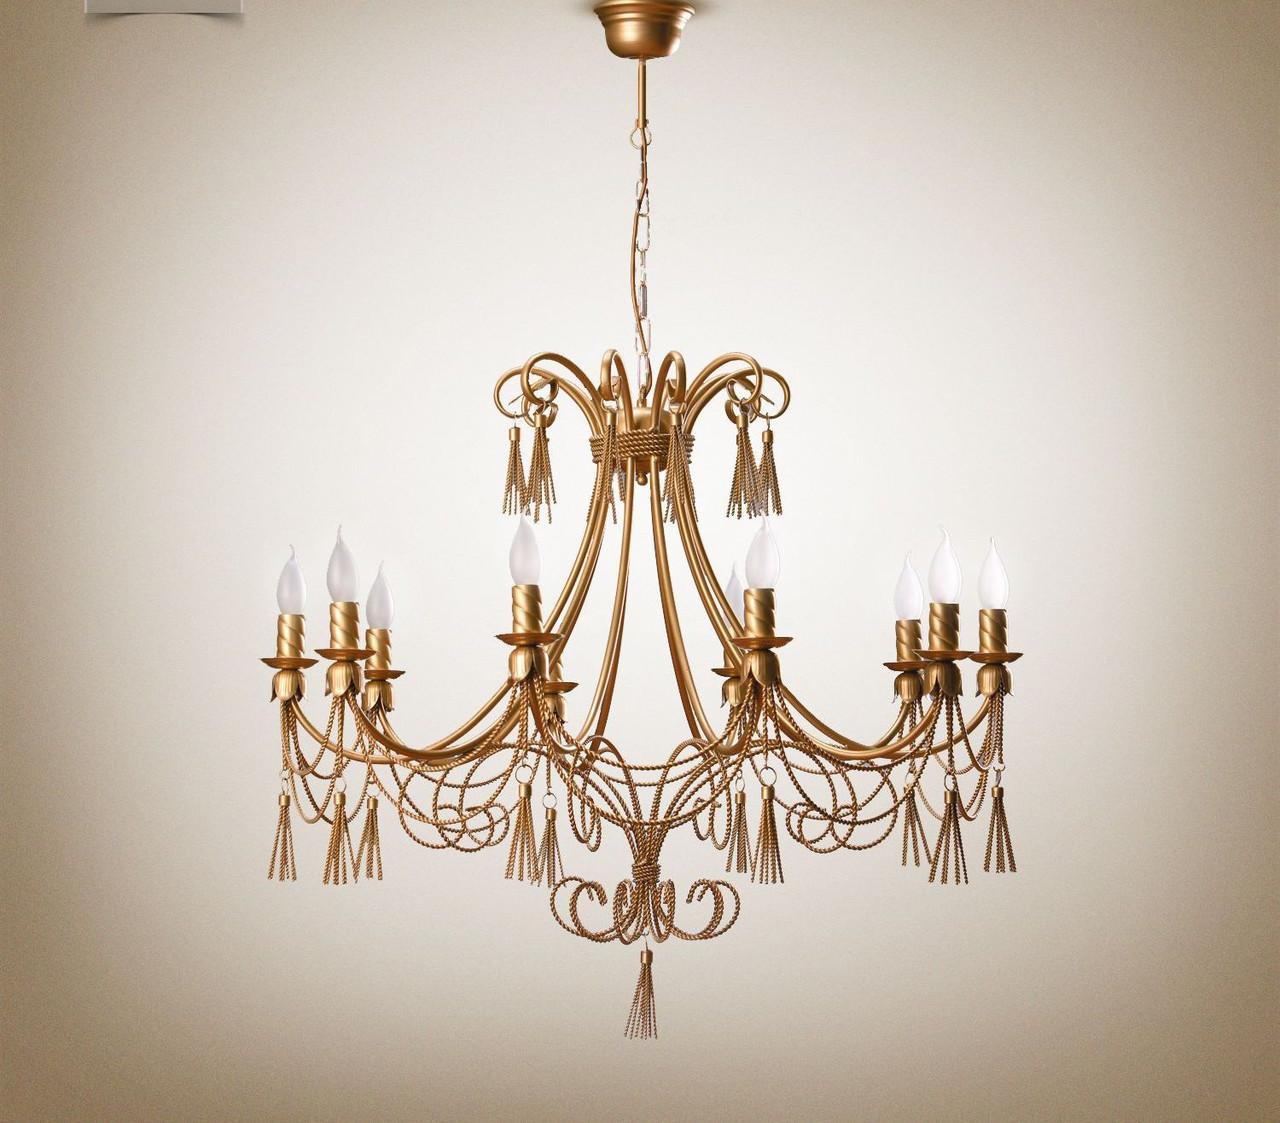 Люстра классическая со свечами и кисточками в большую комнату 1310